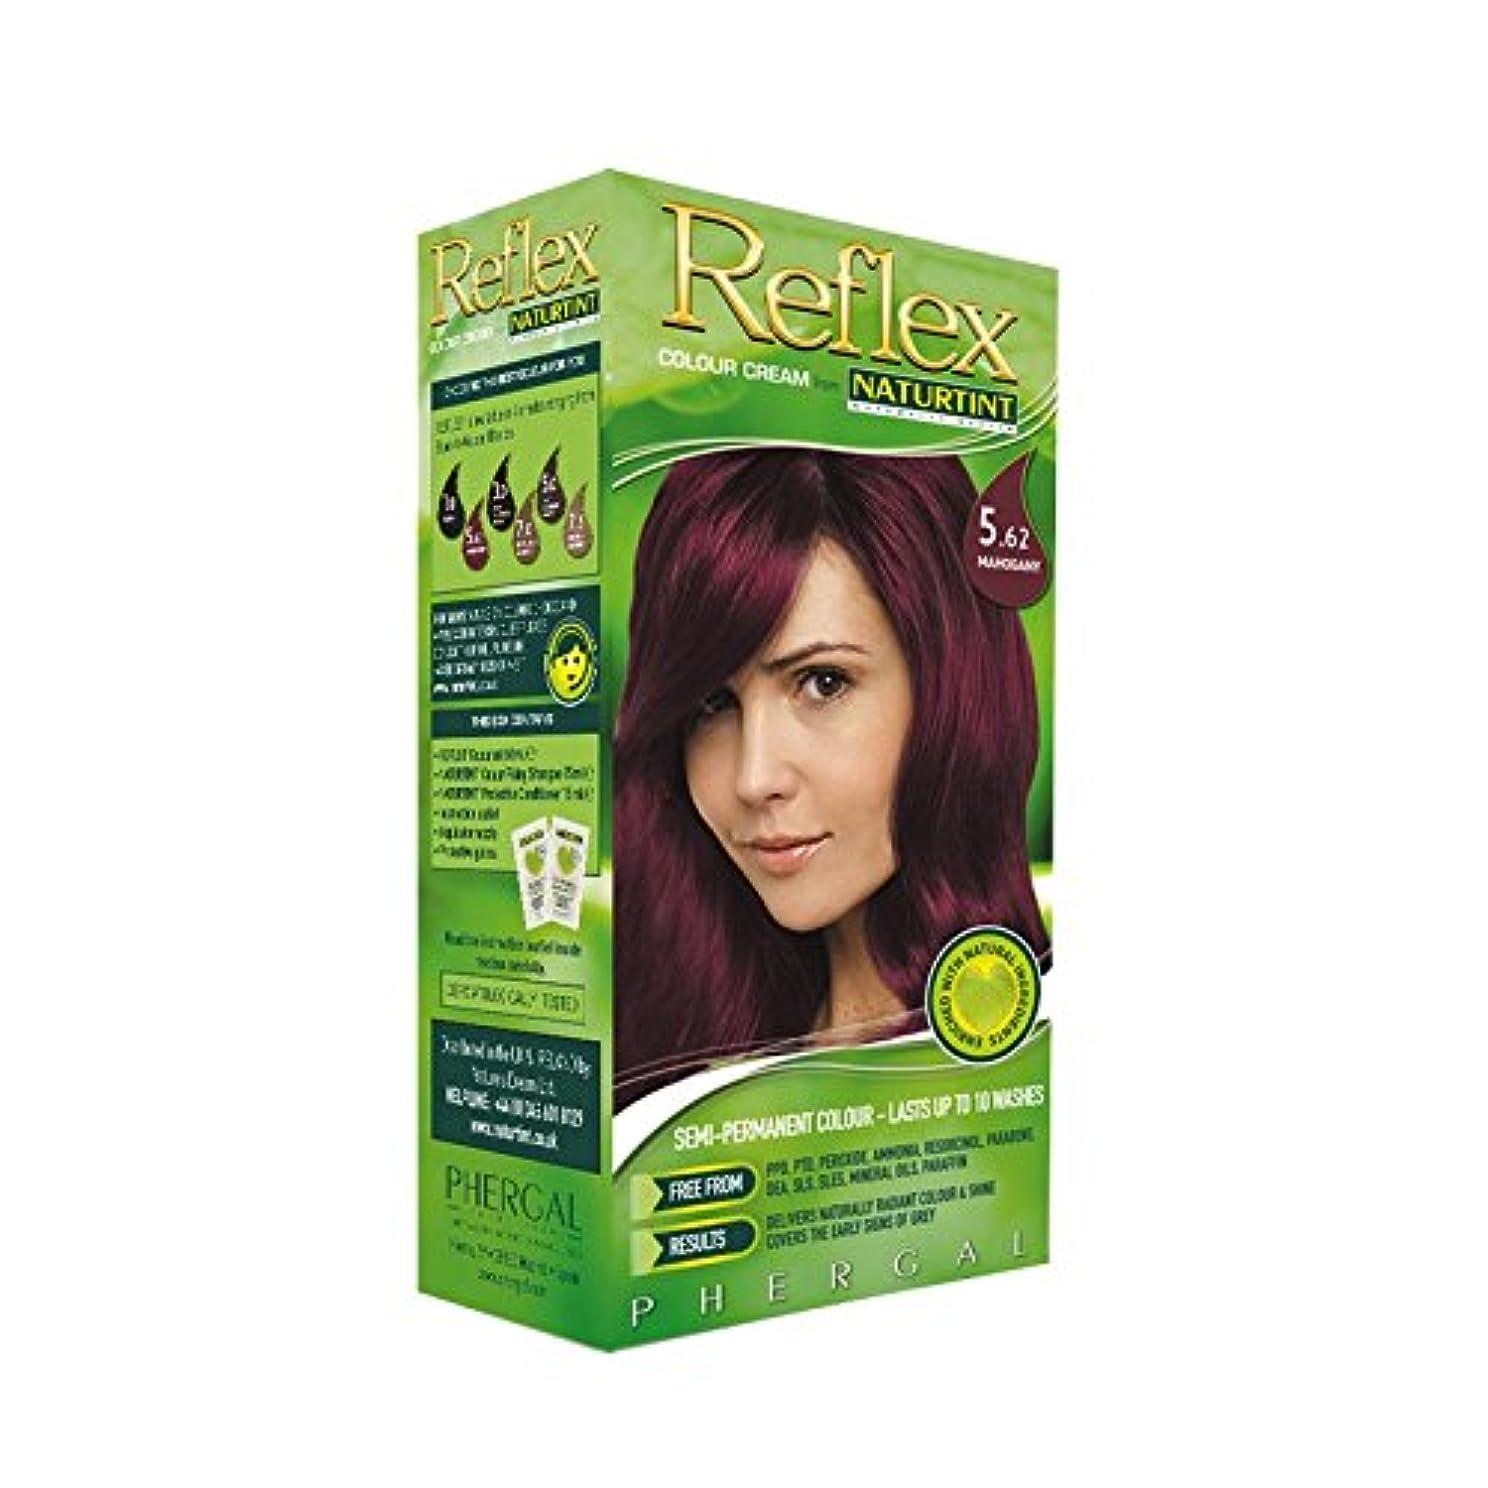 実現可能性天才煙Naturtint Reflex Non Permanent Colour Rinse 5.62 Mahogany (Pack of 2) - Naturtint反射非永久的な色は5.62マホガニーをすすぎます (x2) [並行輸入品]